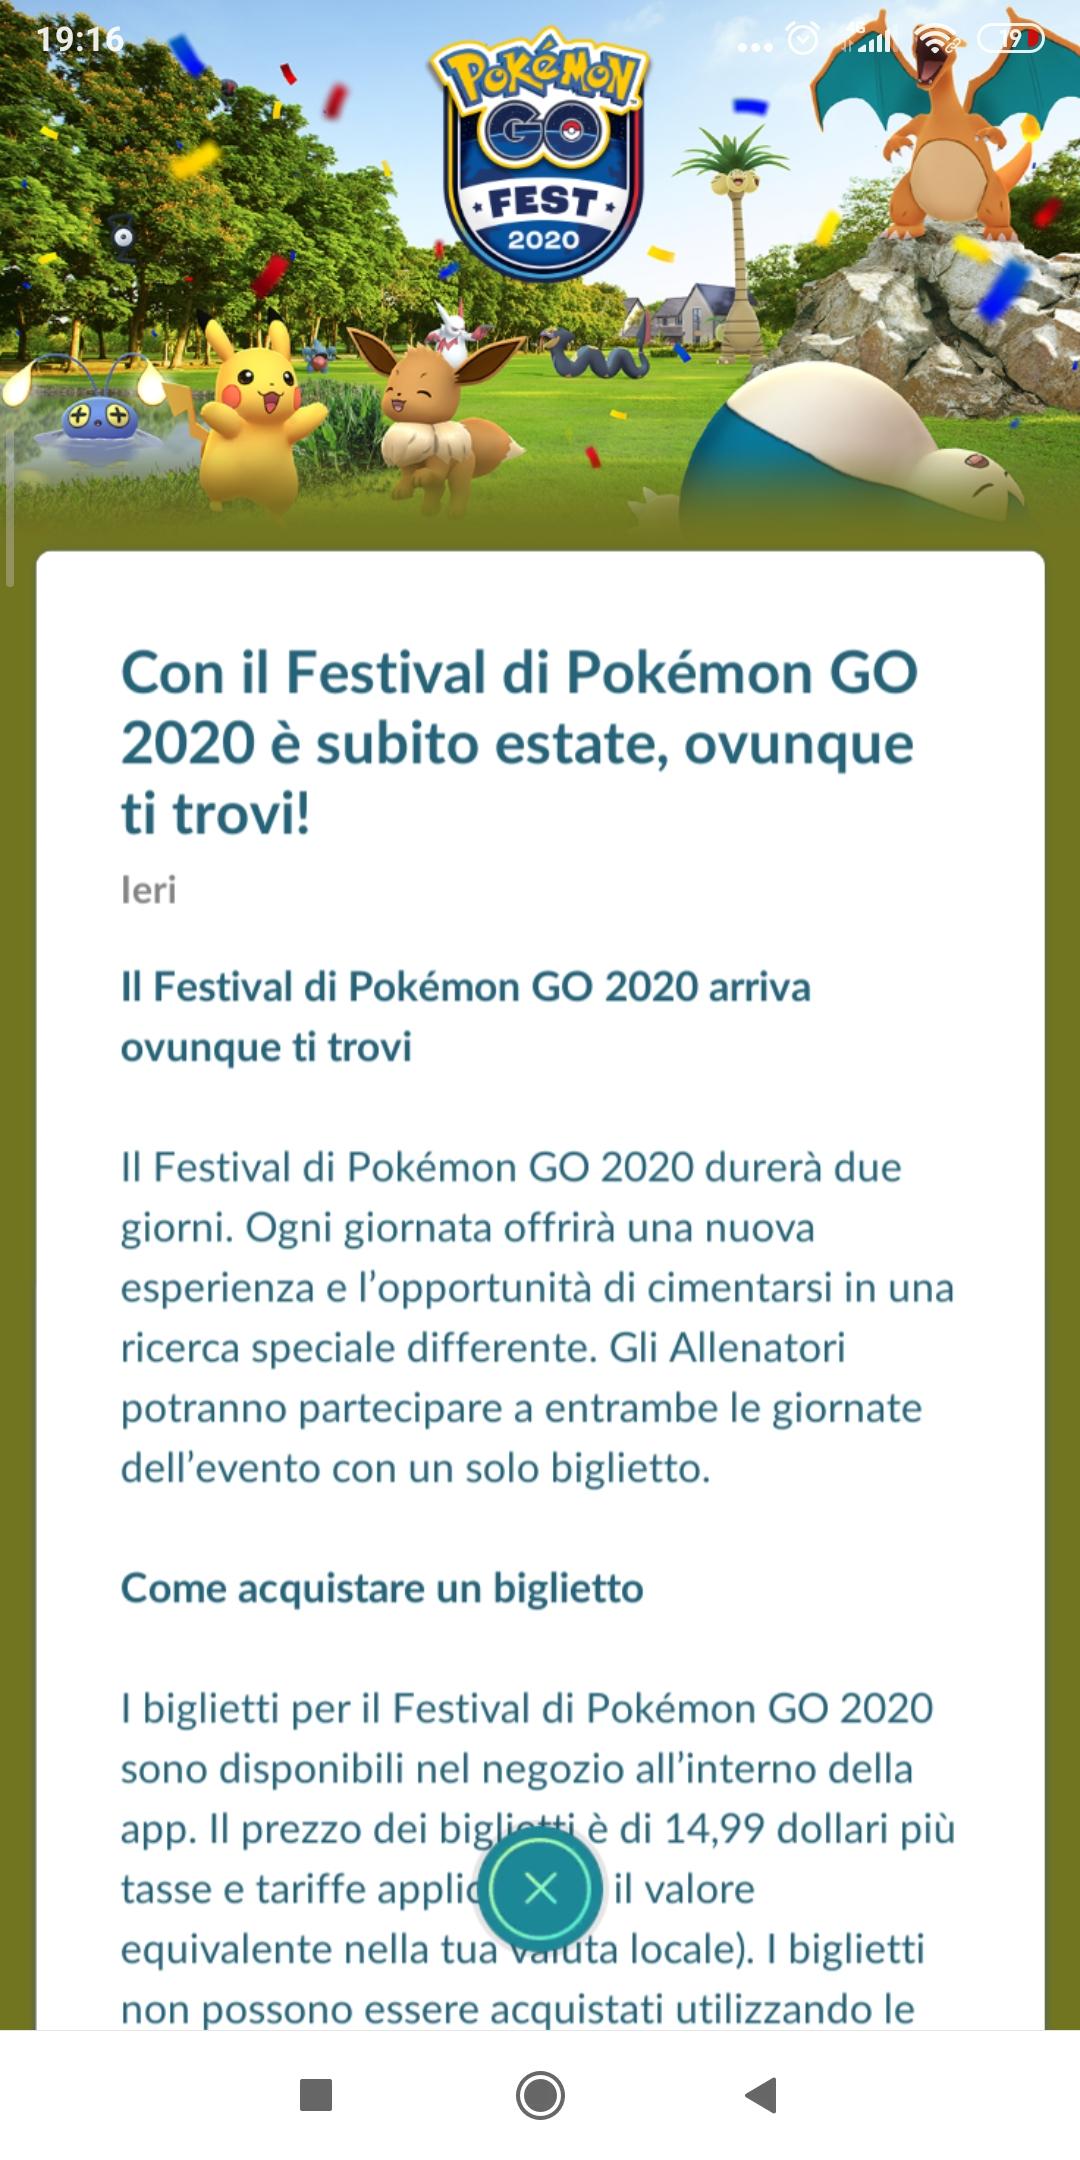 Il Pokémon GO Fest 2020 sta per arrivare: ecco tutti i dettagli 1